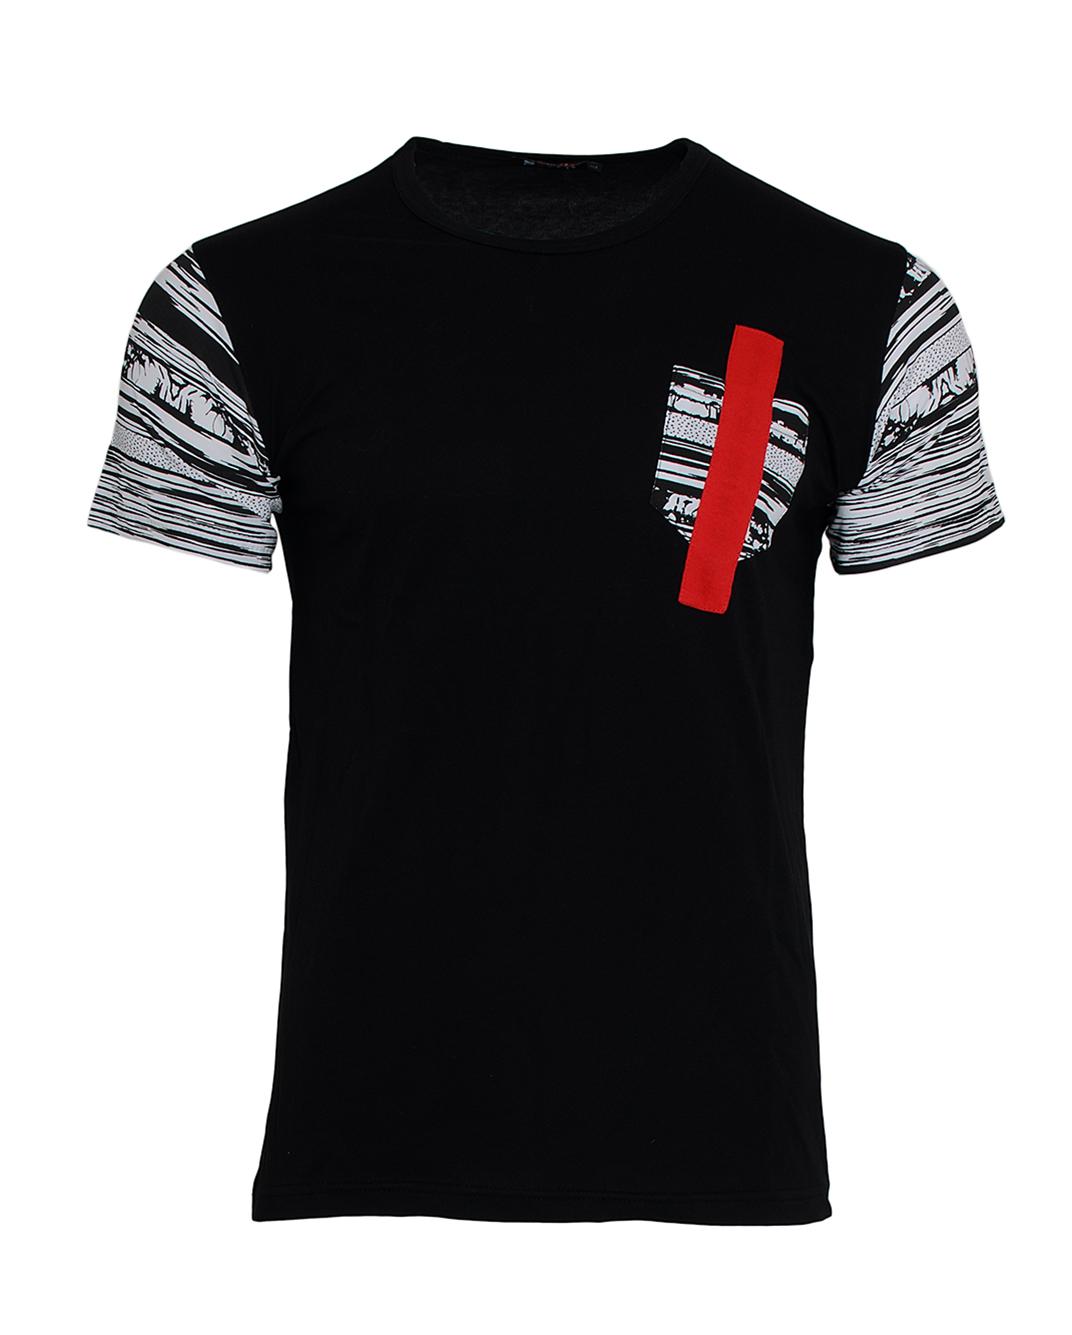 Ανδρικό T-shirt Pocket Line Red-Μαύρο αρχική ανδρικά ρούχα επιλογή ανά προϊόν t shirts